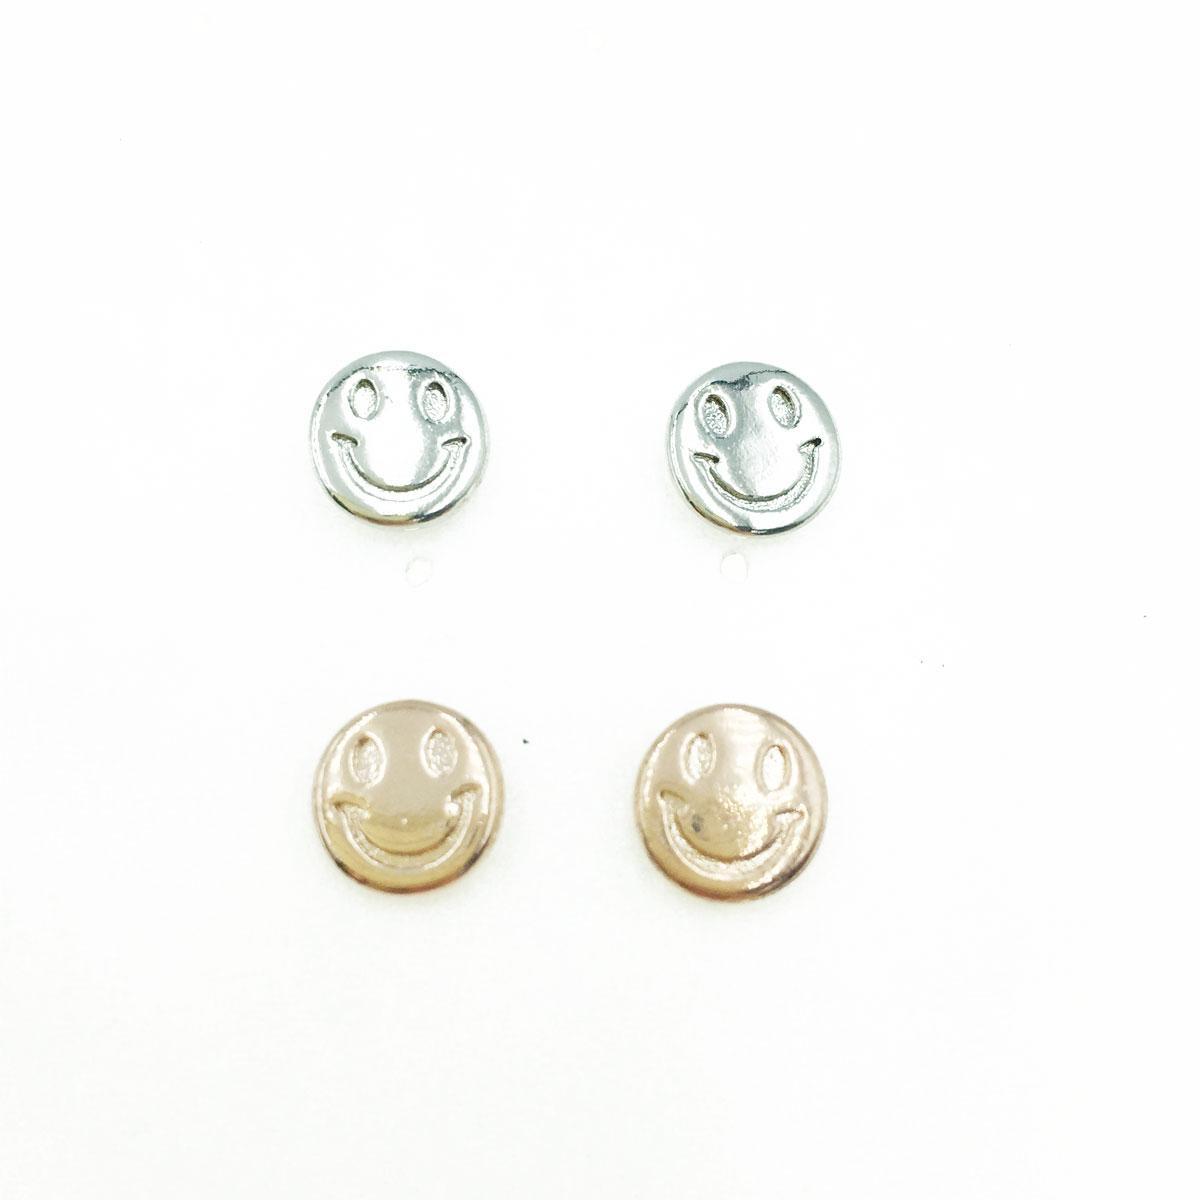 韓國 抗敏電鍍 笑臉 造型 銀 玫瑰金 耳針式耳環